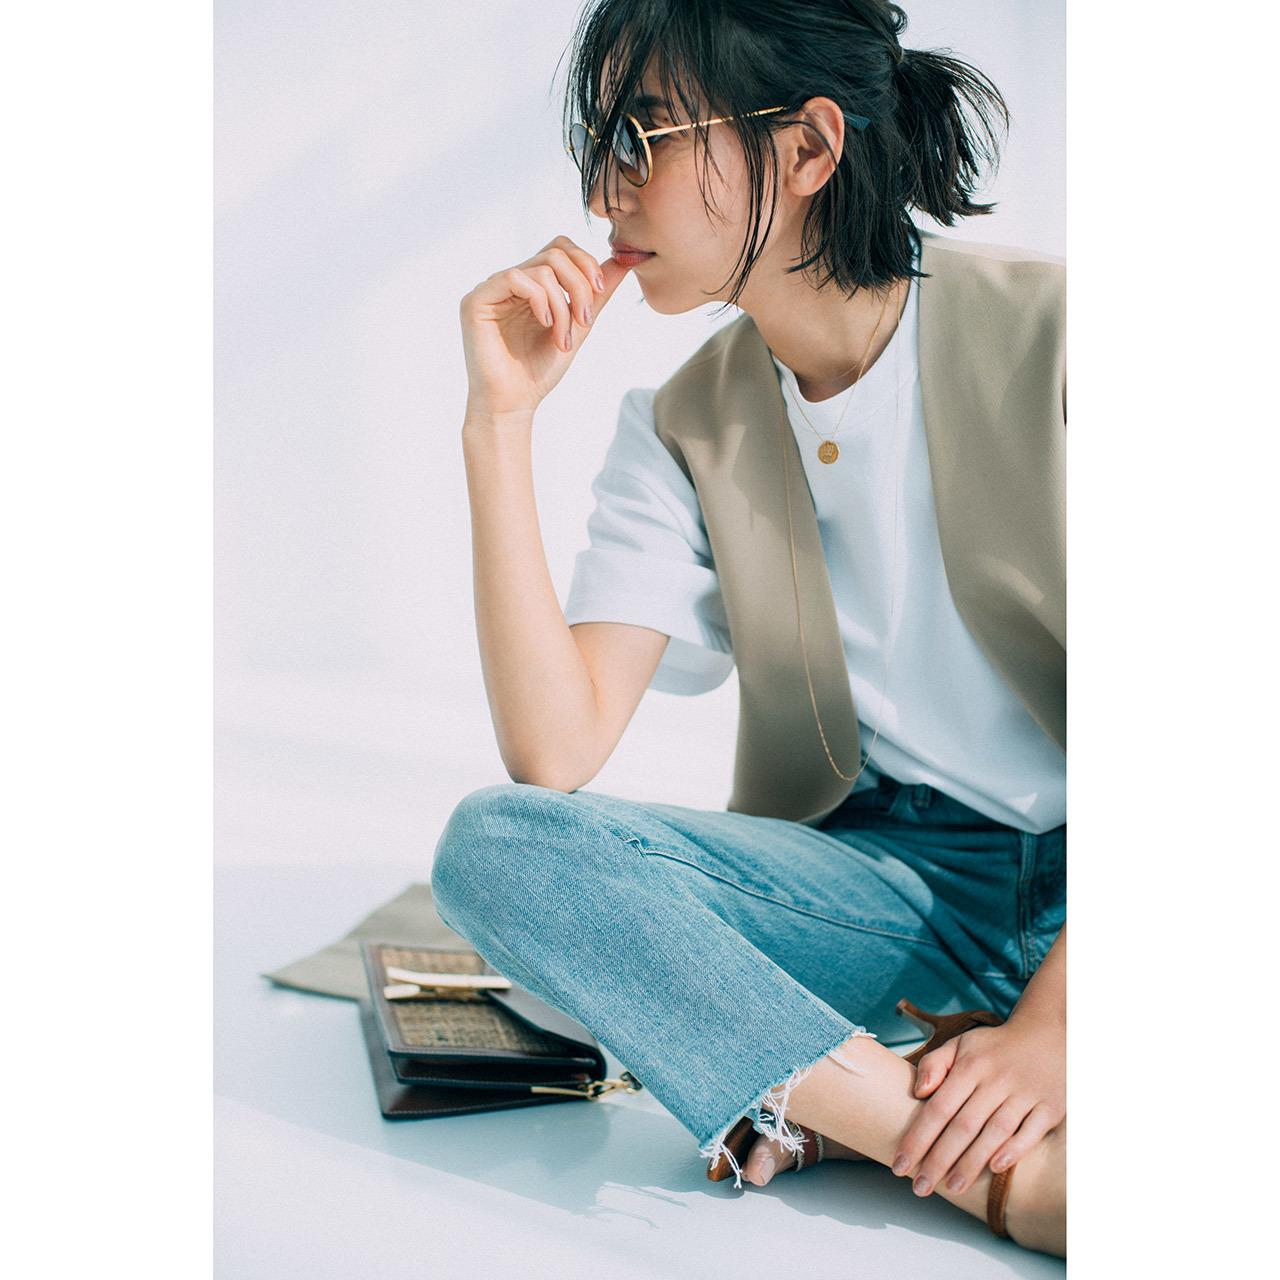 コインネックレス×白Tシャツ×ベスト×デニムパンツコーデを着たモデルの小泉里子さん